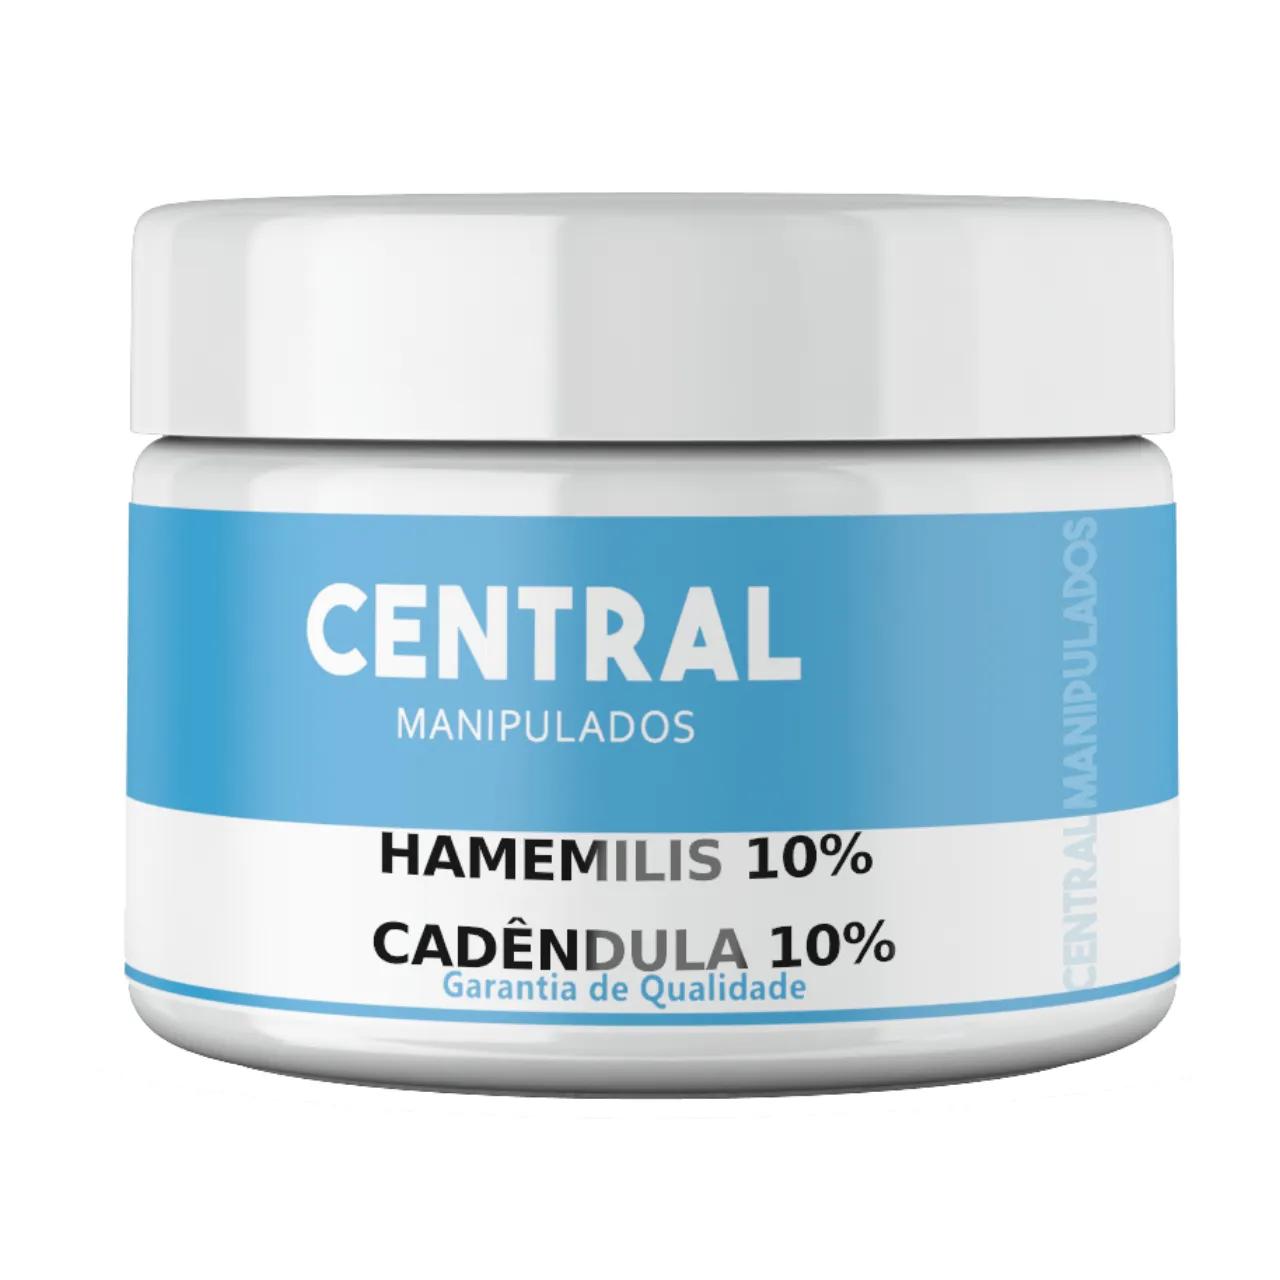 Creme Hamamelis 10% + Calêndula 10% - 100gramas - Adstringente, Acne, Varizes, Cicatrizante, Cicatrização de feridas